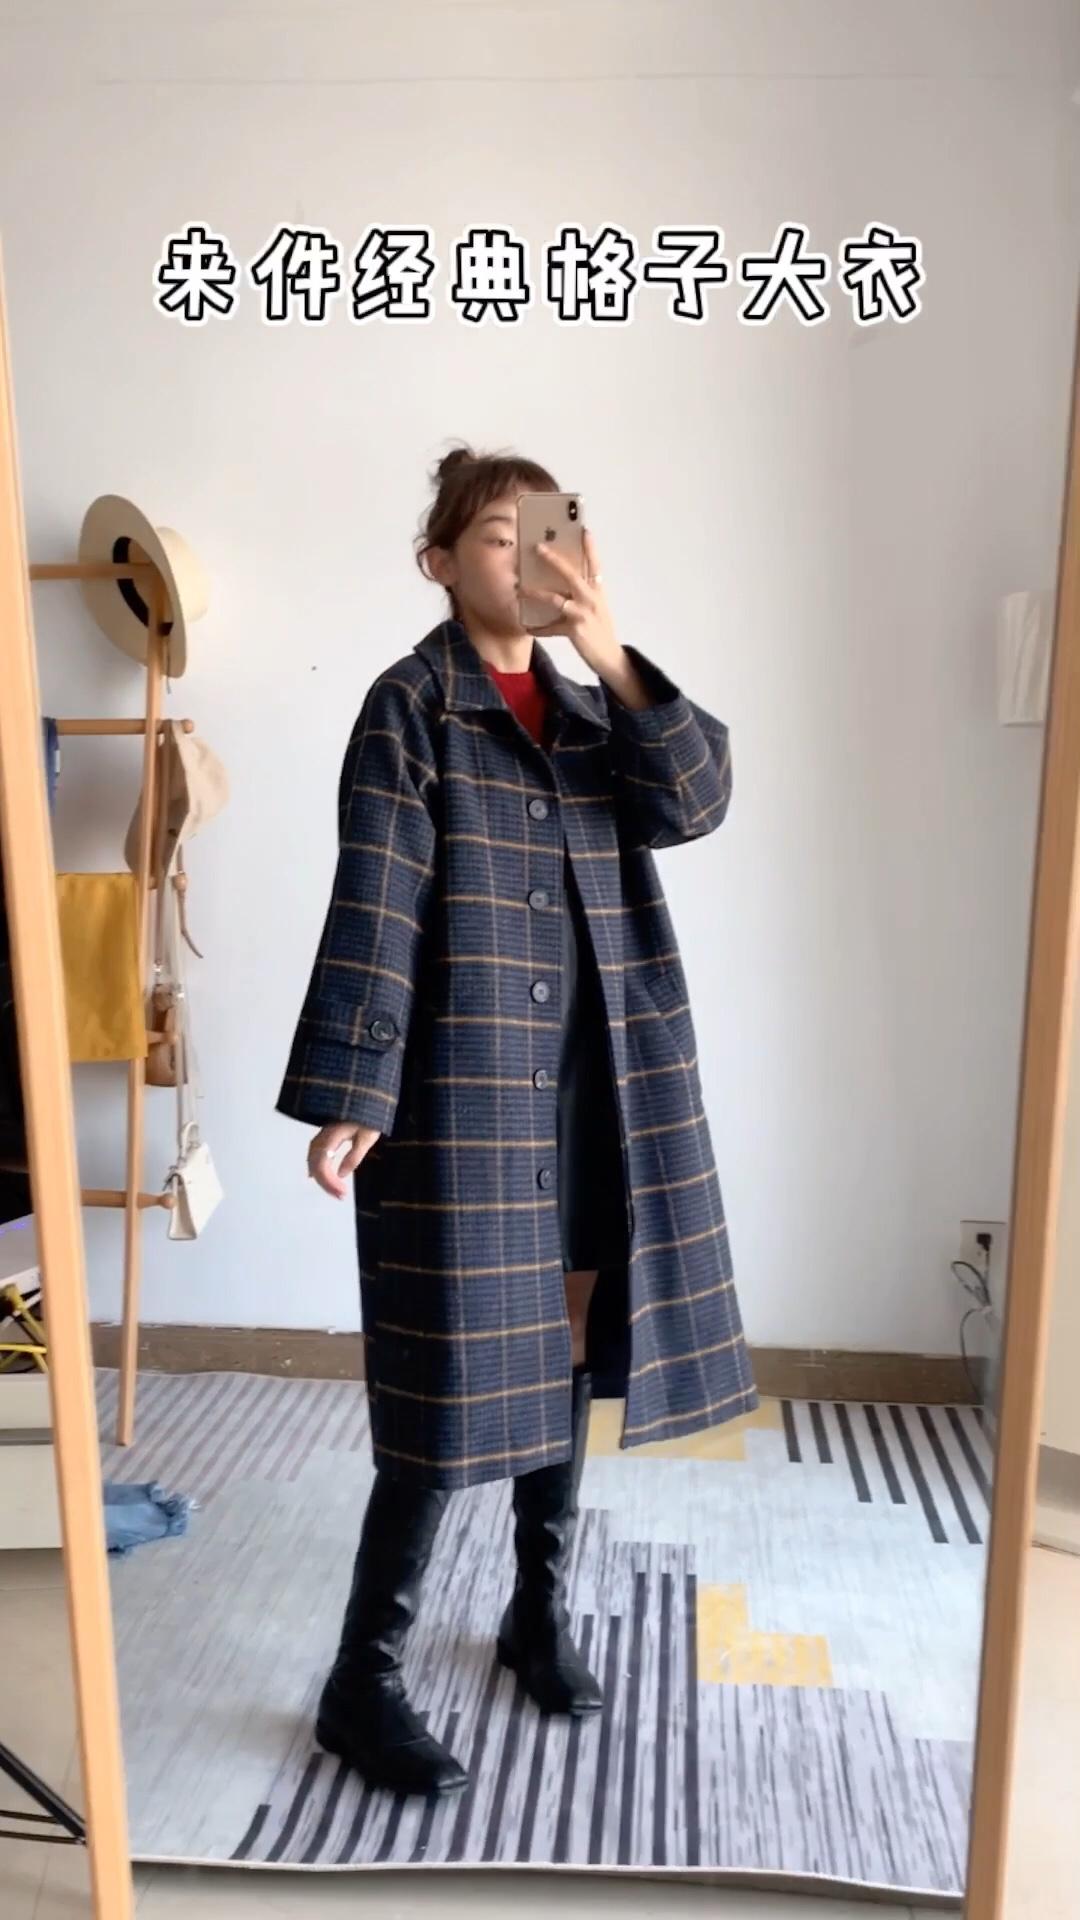 #150cm+进!冬季显高有口诀# 双十一结束了没关系!还有返场折扣外套~今天给大家安利一件经典版型的暗格纹外套大衣,毛呢外套非常的保暖,红黑经典配色~小个子女孩最爱的套装!快买!